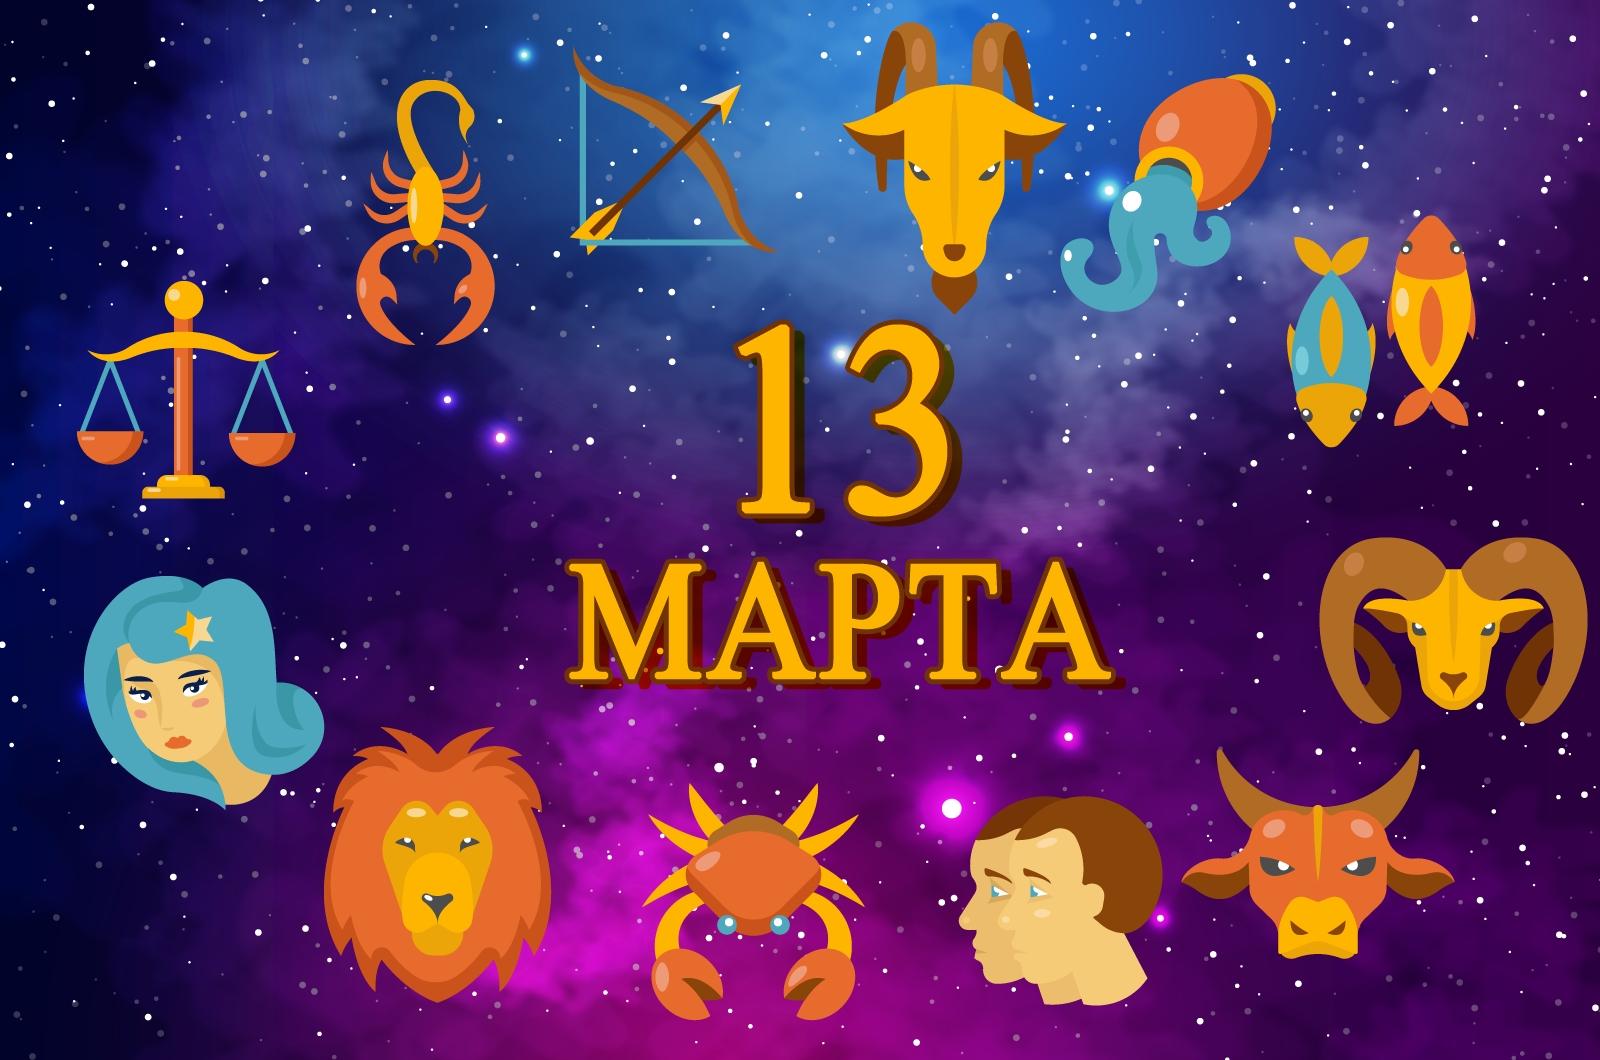 Овнам мечтать, а Девам делать: гороскоп на 13 марта по знакам Зодиака